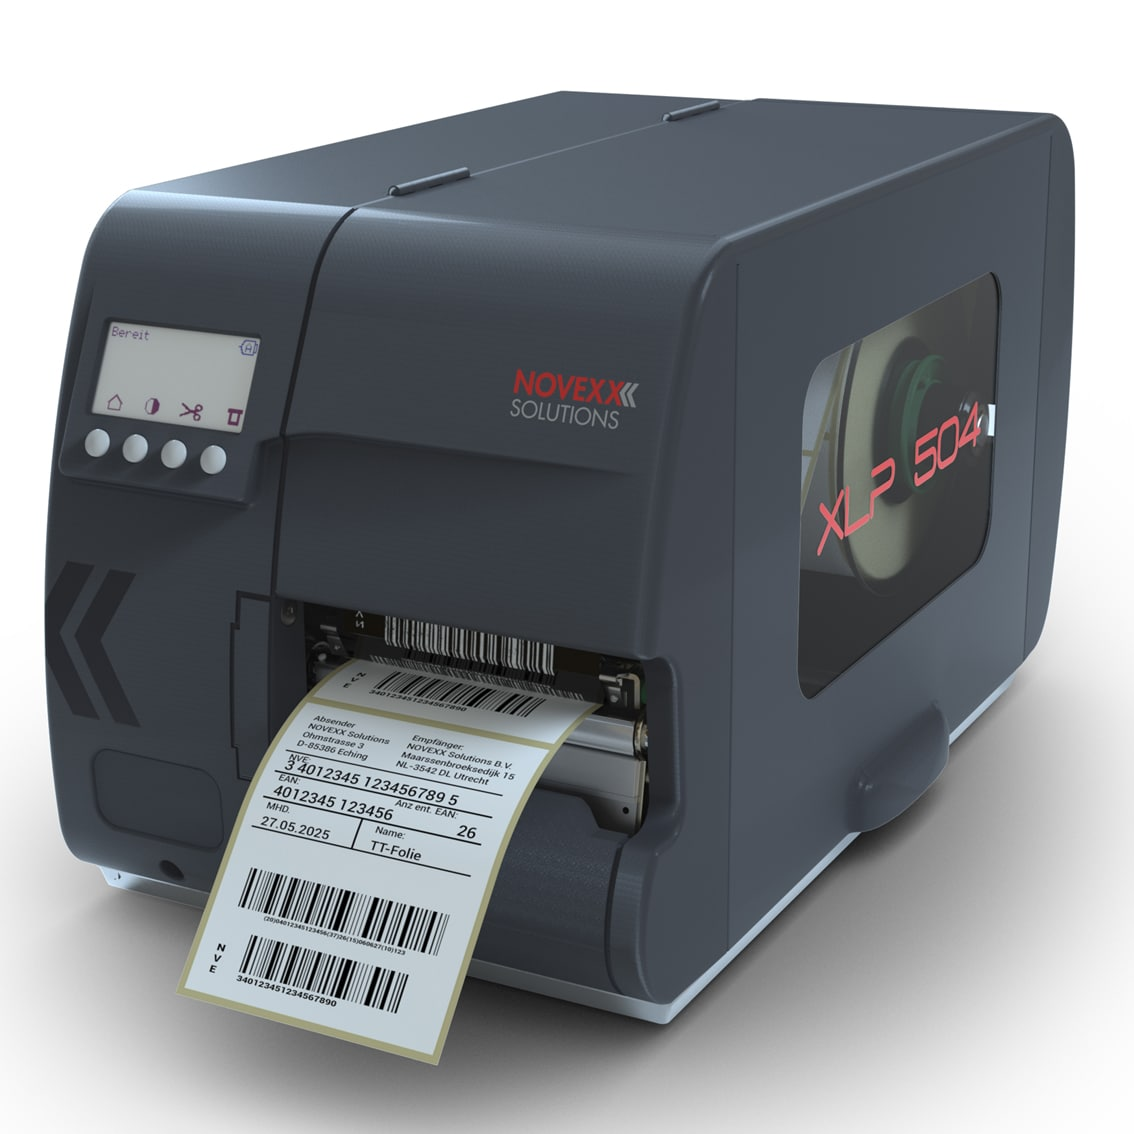 Imprimante d'étiquettes industrielle Novexx XLP 504-ALPHAPRINT